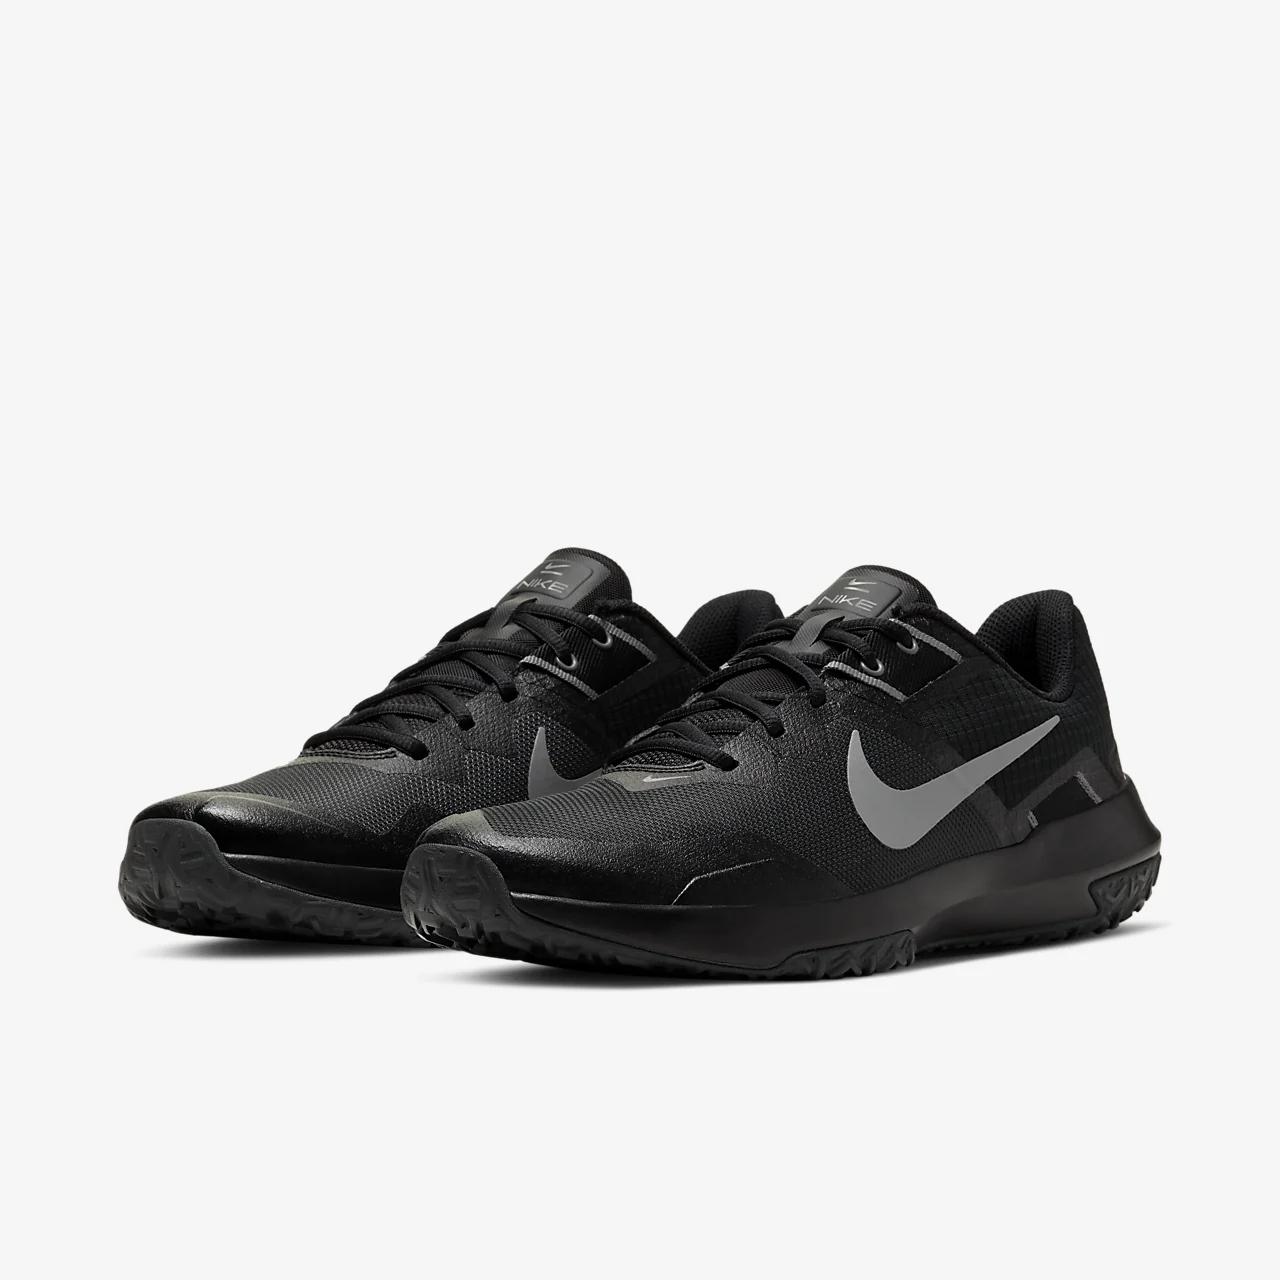 유럽직배송 나이키 NIKE Nike Varsity Compete TR 3 Men's Training Shoe CJ0813-002